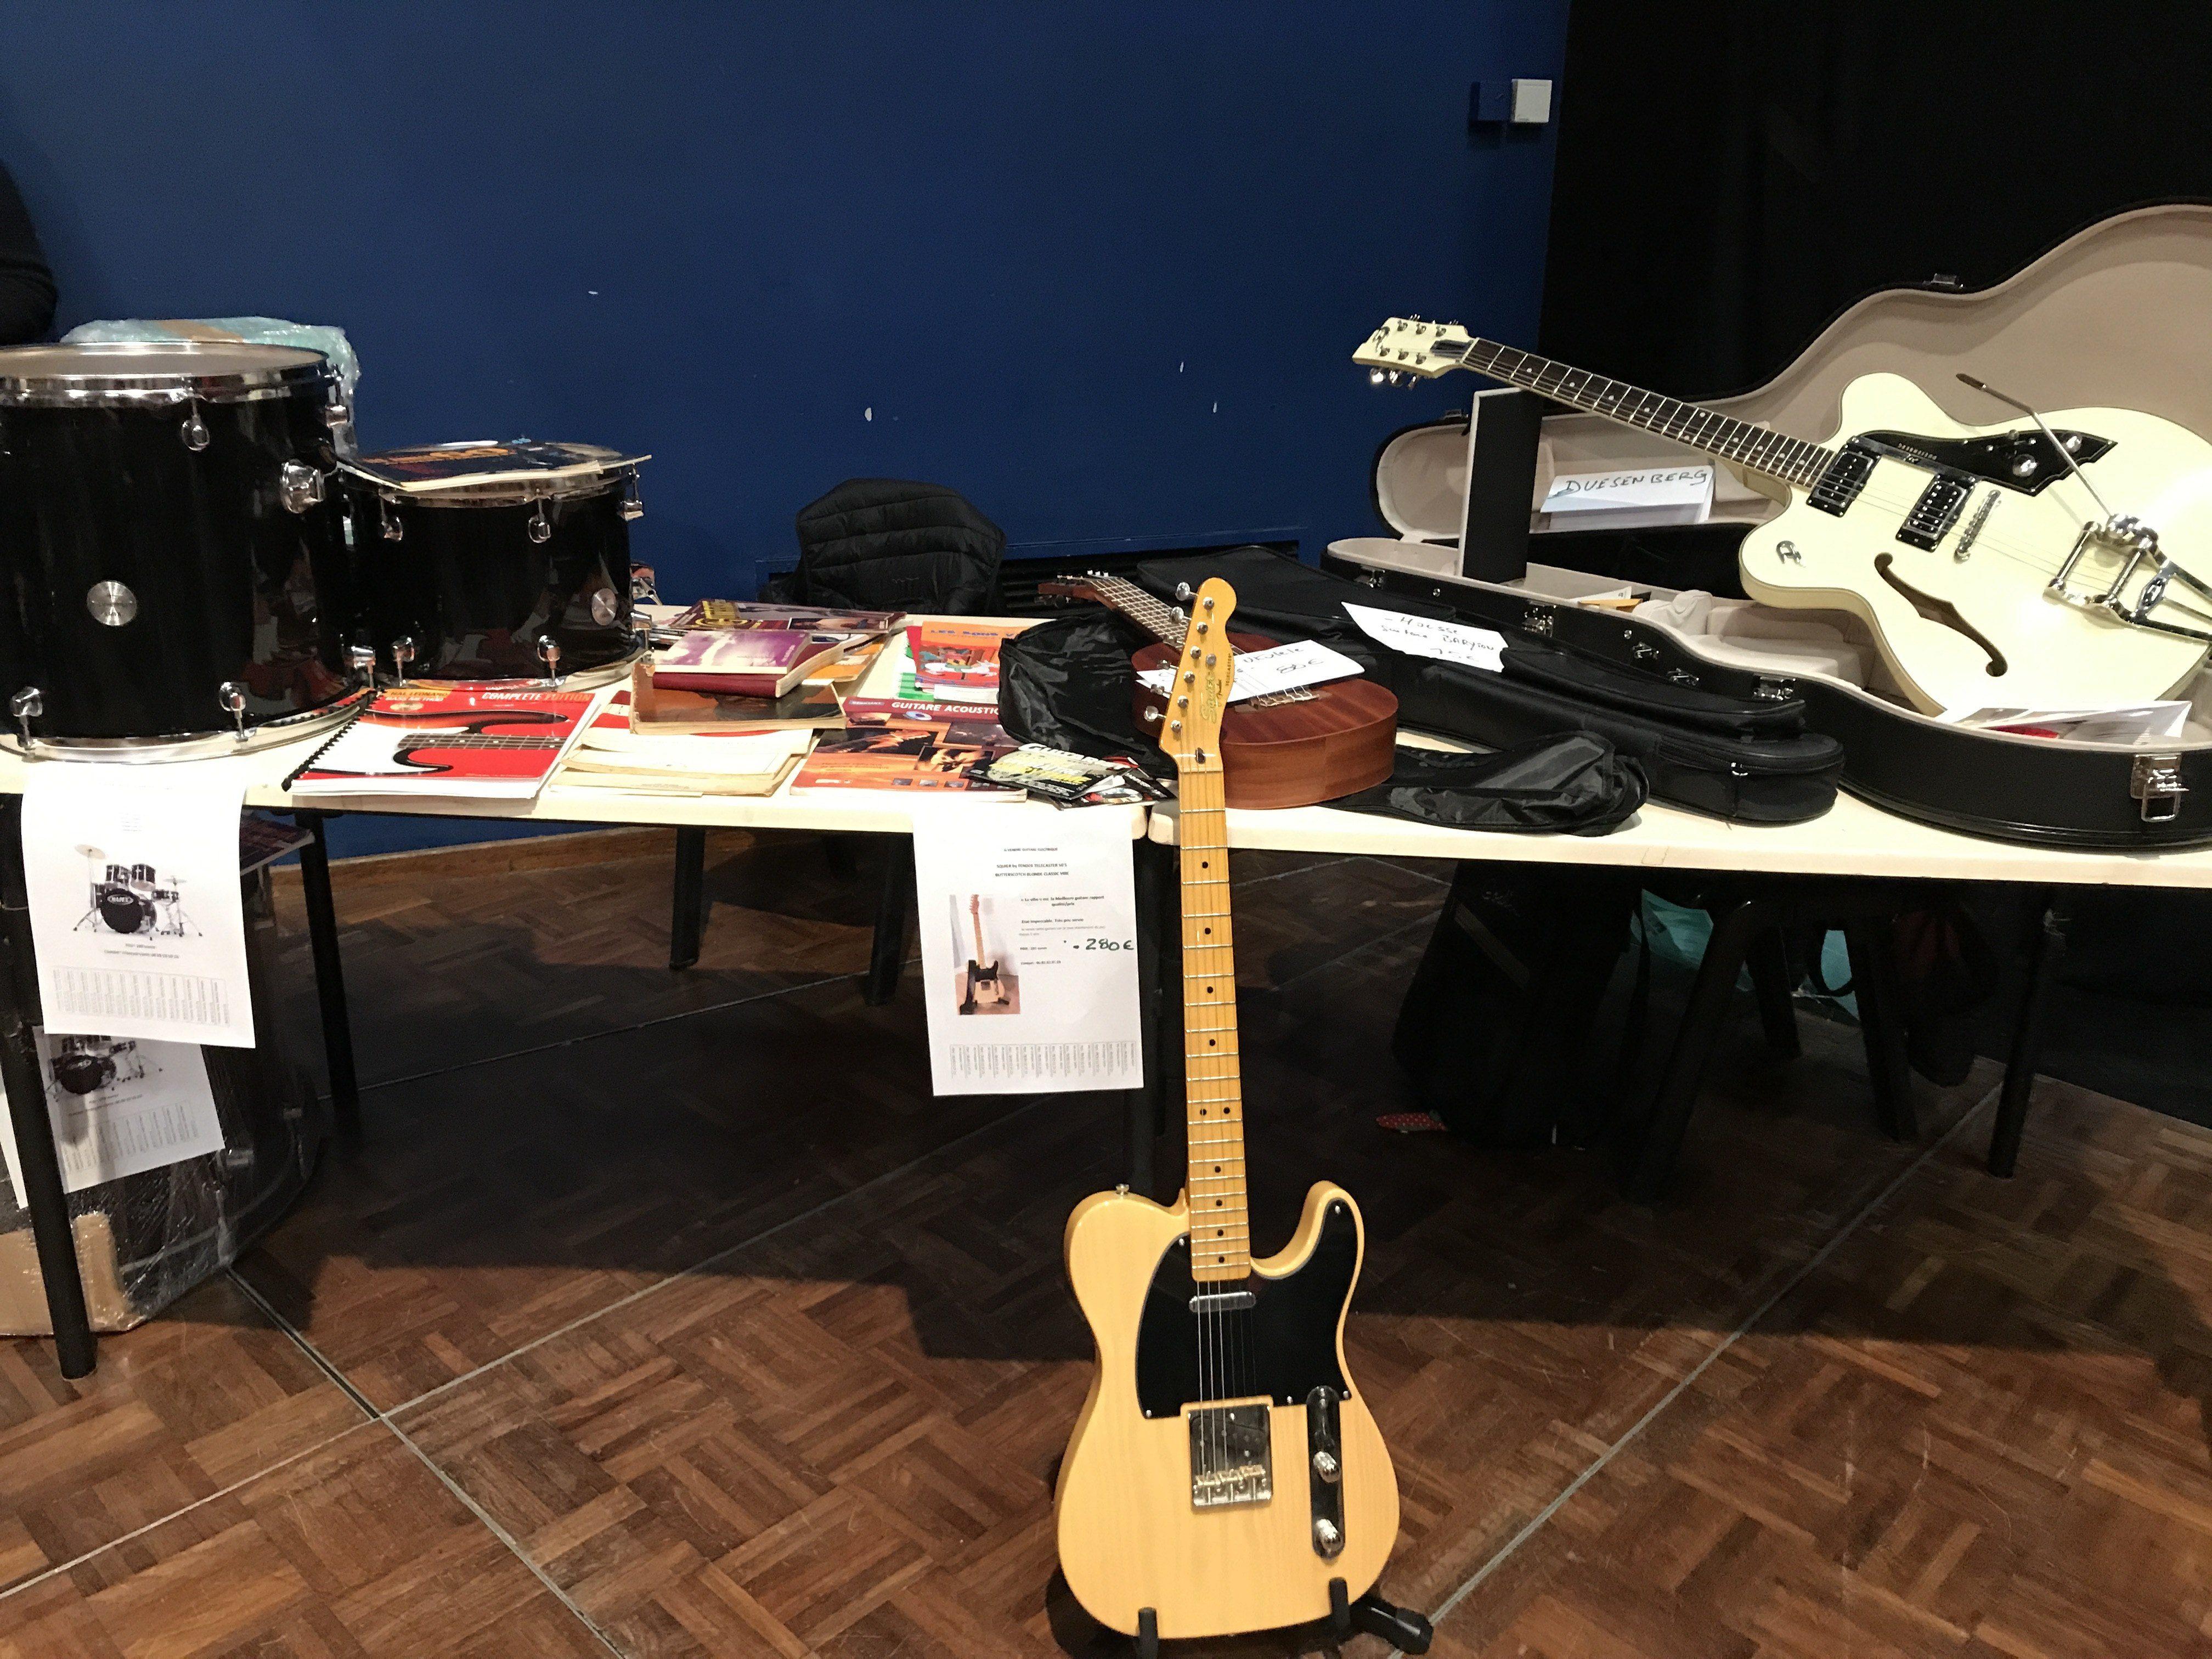 1er troc de Traverse : échange, vente d'instruments, vinyls, partitions....